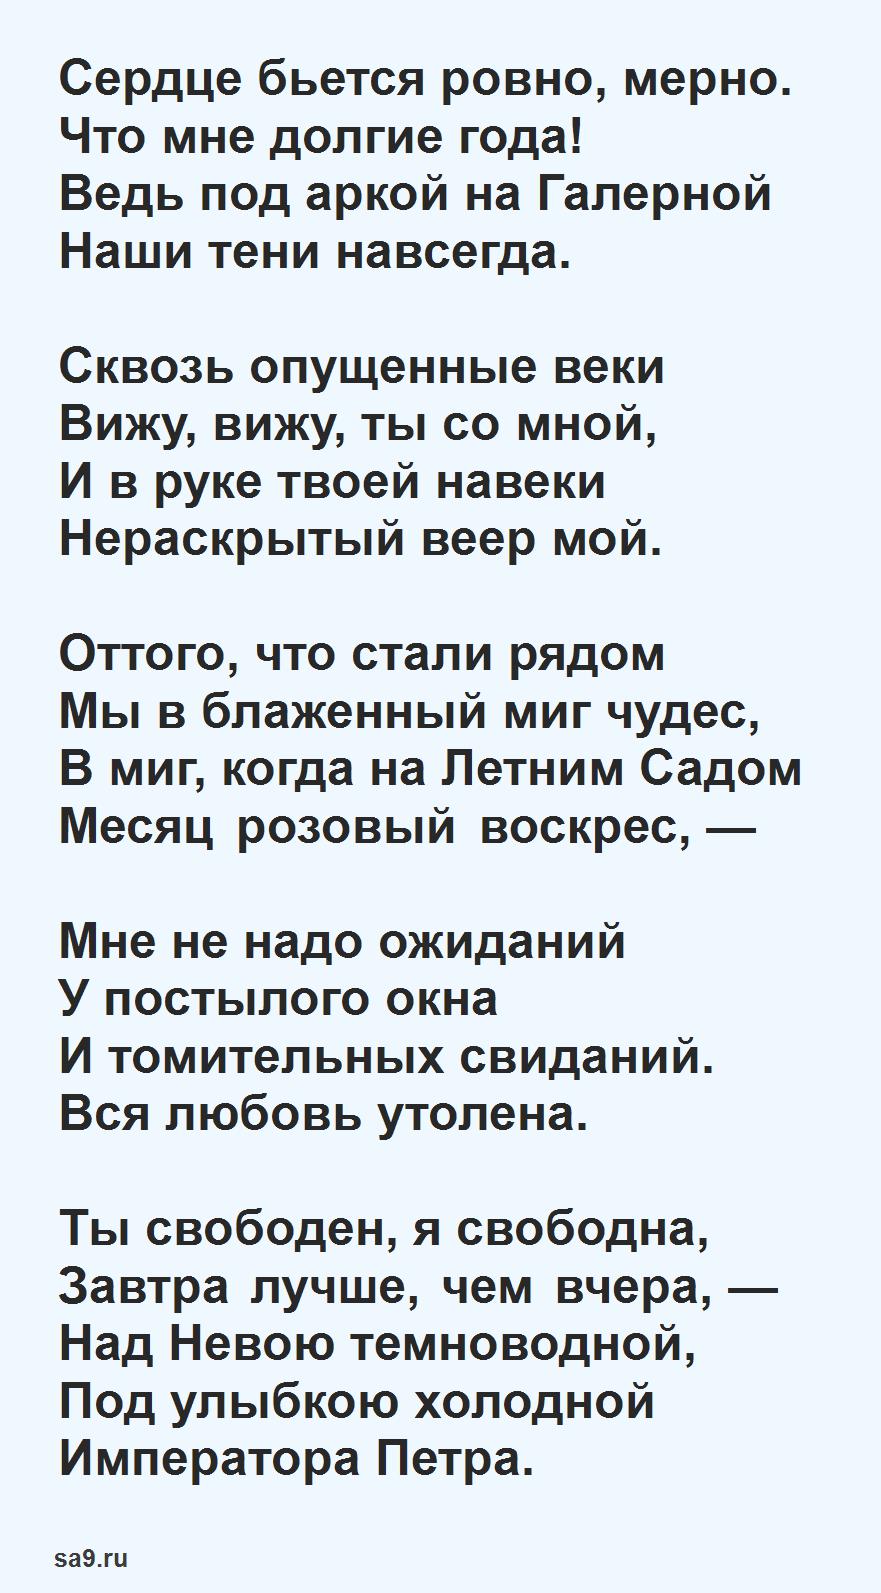 Стихи Ахматовой о любви - Сердце бьется ровно, мерно